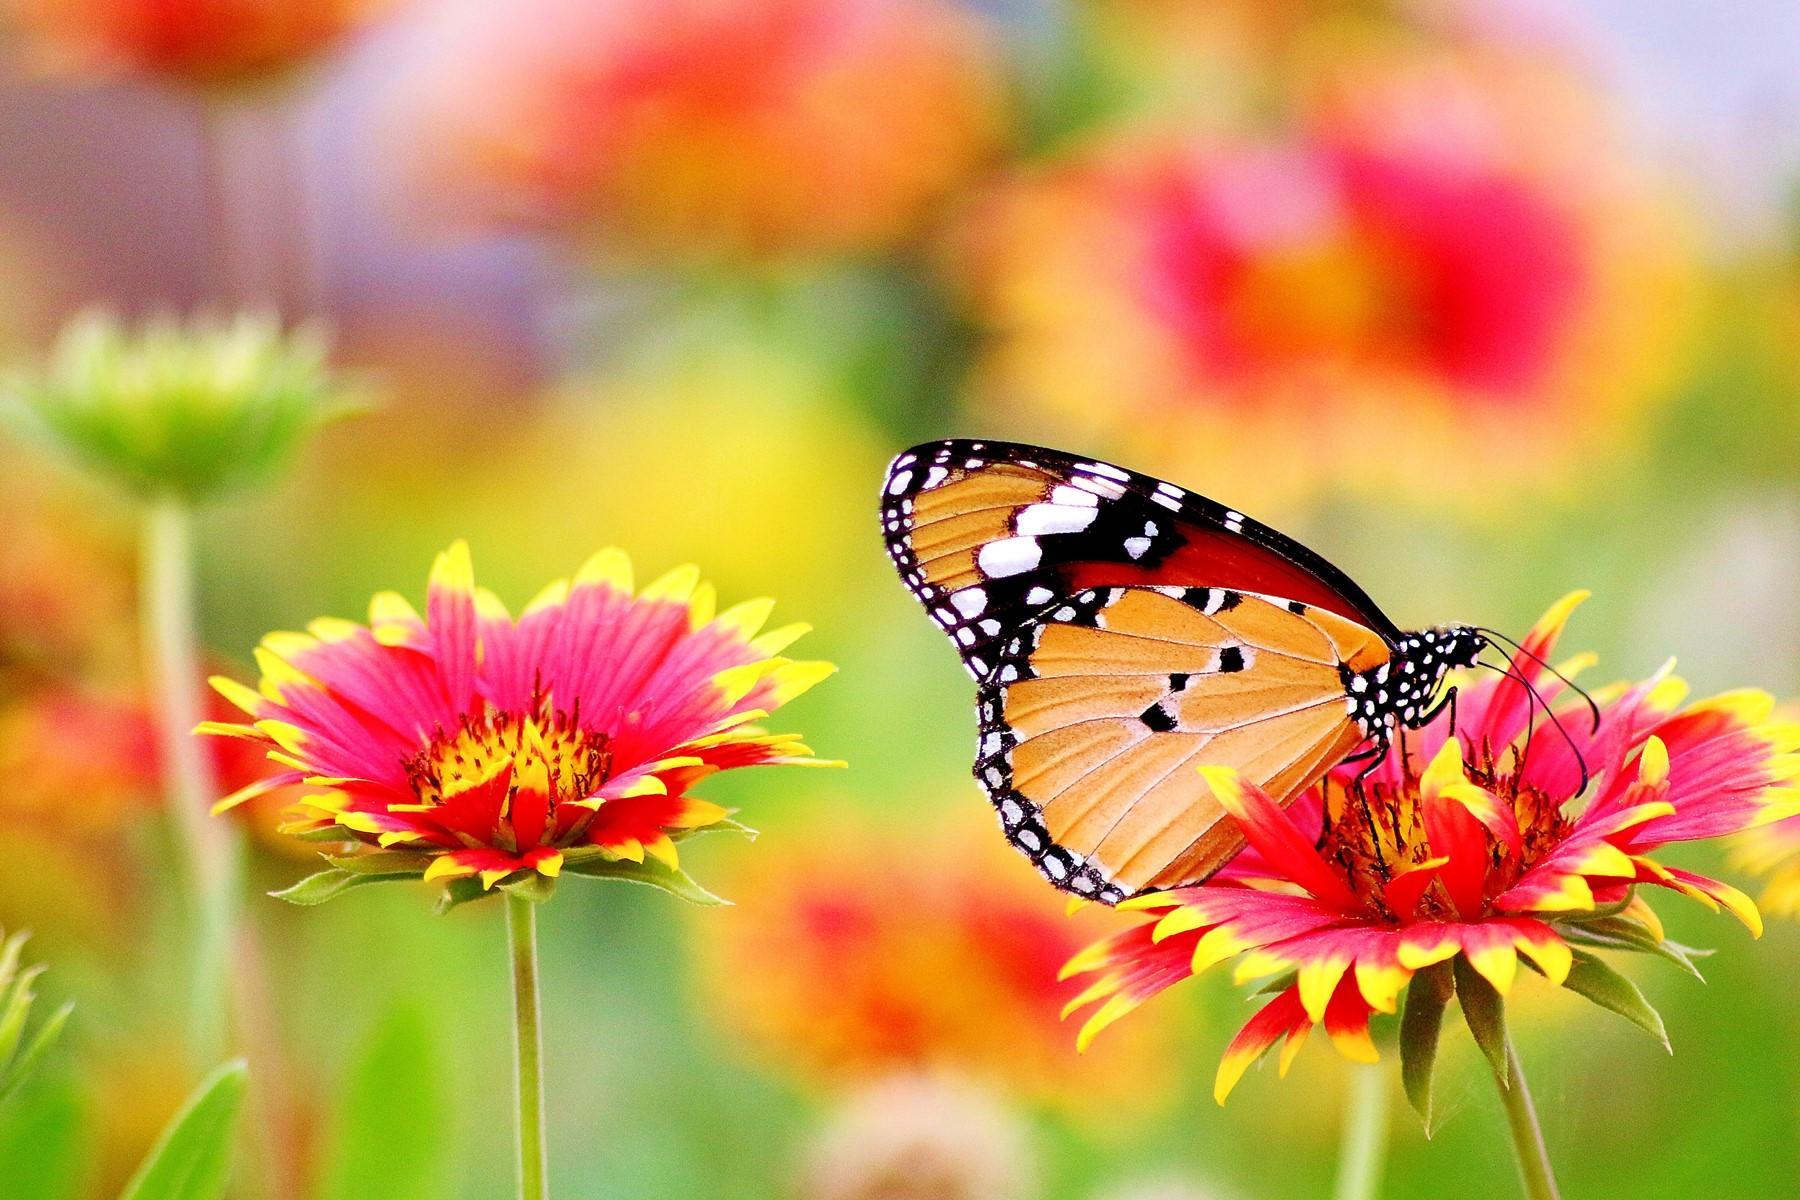 Symbolbild für Jin Shin Jyutsu Kurs abnehmen: Schmetterling auf bunter Blumenwiese